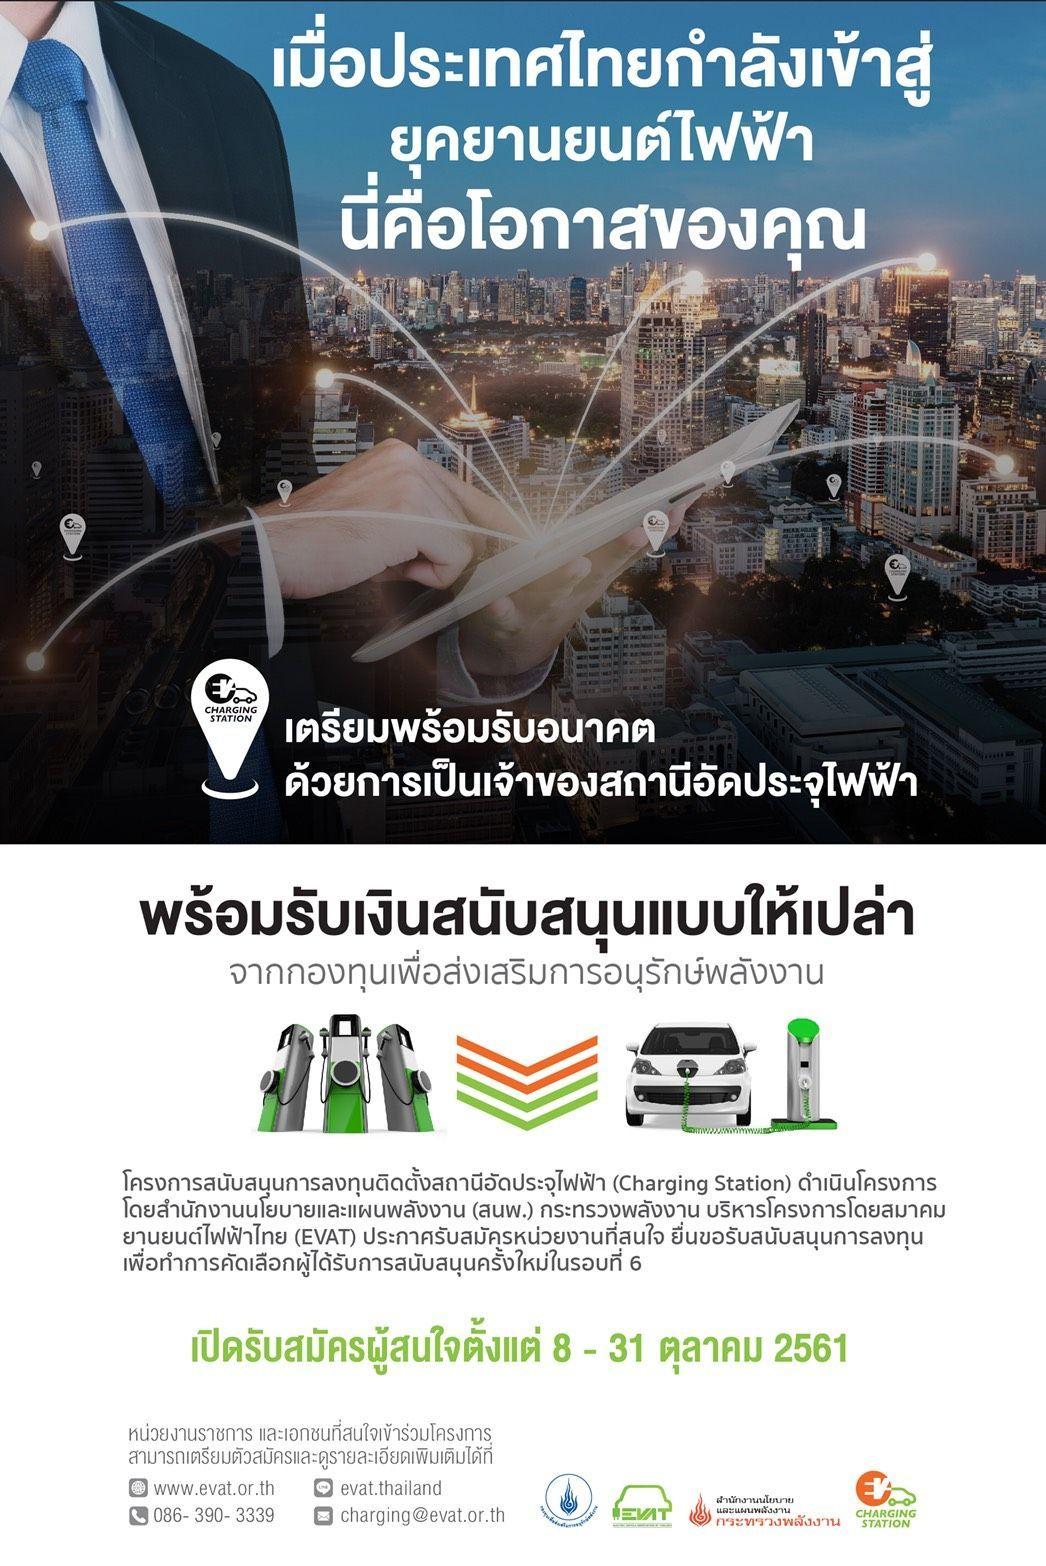 สนใจยื่นขอรับการสนับสนุนจากโครงการสนับสนุนการลงทุนสถานีอัดประจุไฟฟ้า ต้องเตรียมอะไรบ้าง?